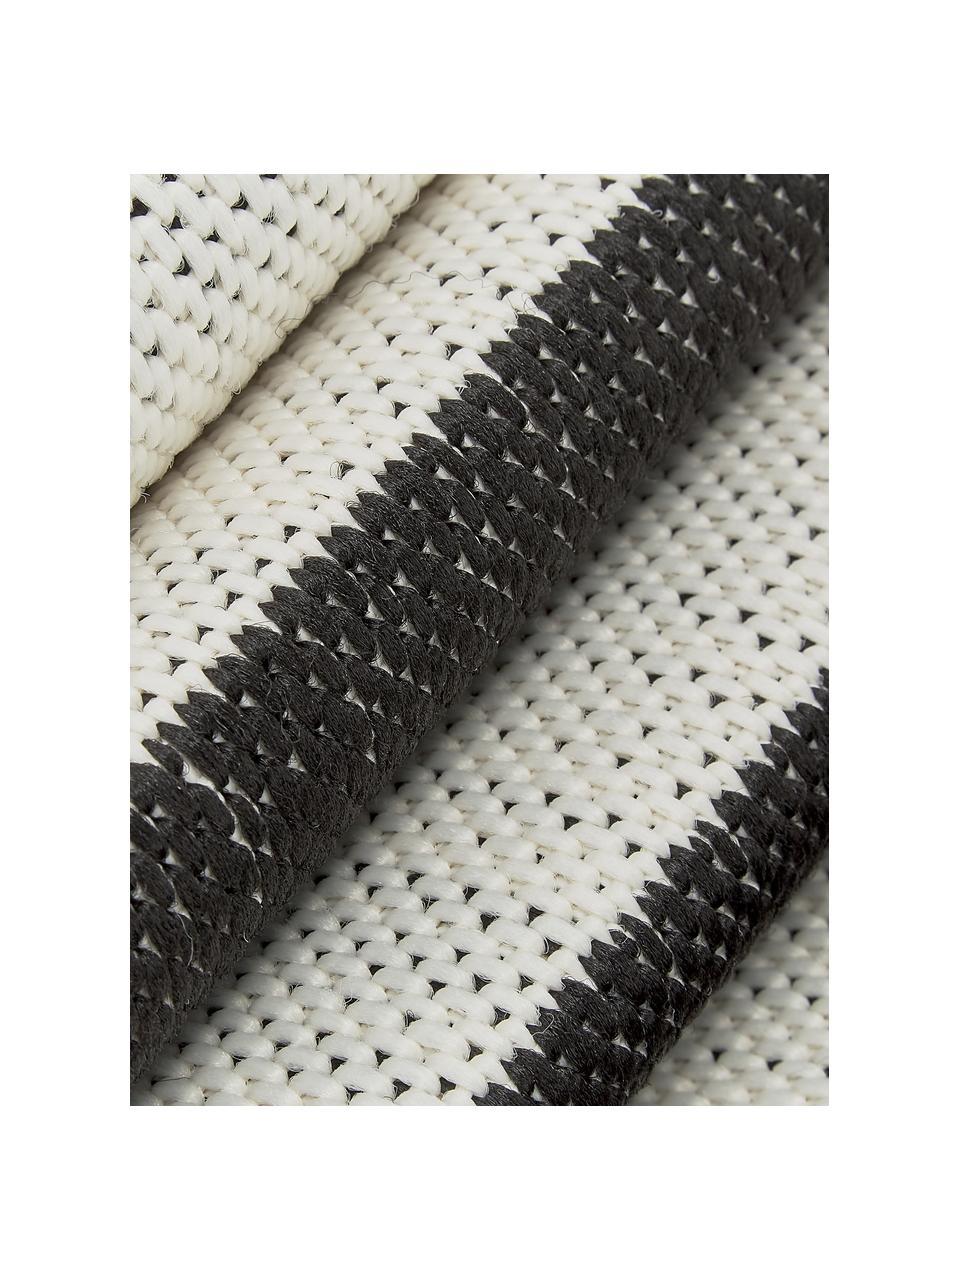 Tappeto a righe color nero/bianco da interno-esterno Axa, 86% polipropilene, 14% poliestere, Bianco crema, nero, Larg. 200 x Lung. 290 cm (taglia L)